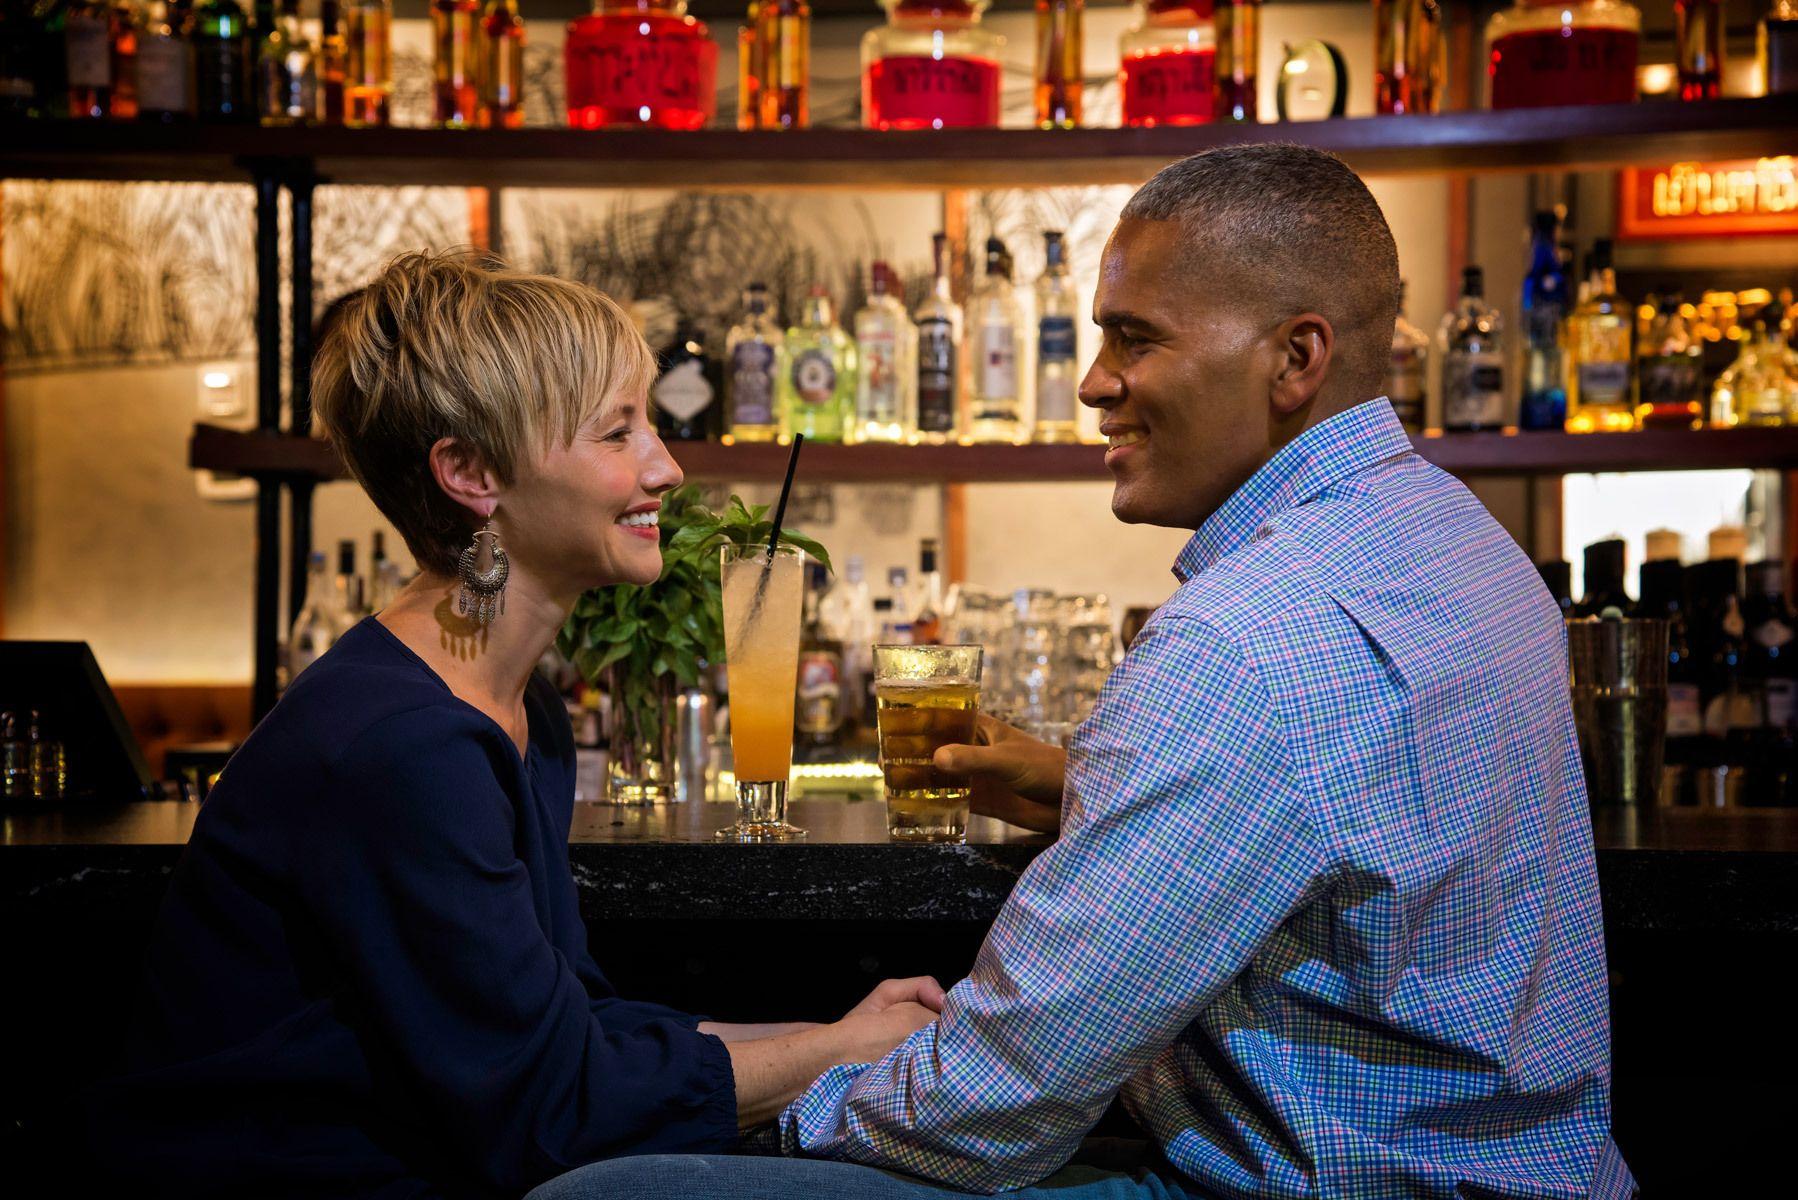 Bi-racial couple at a bar